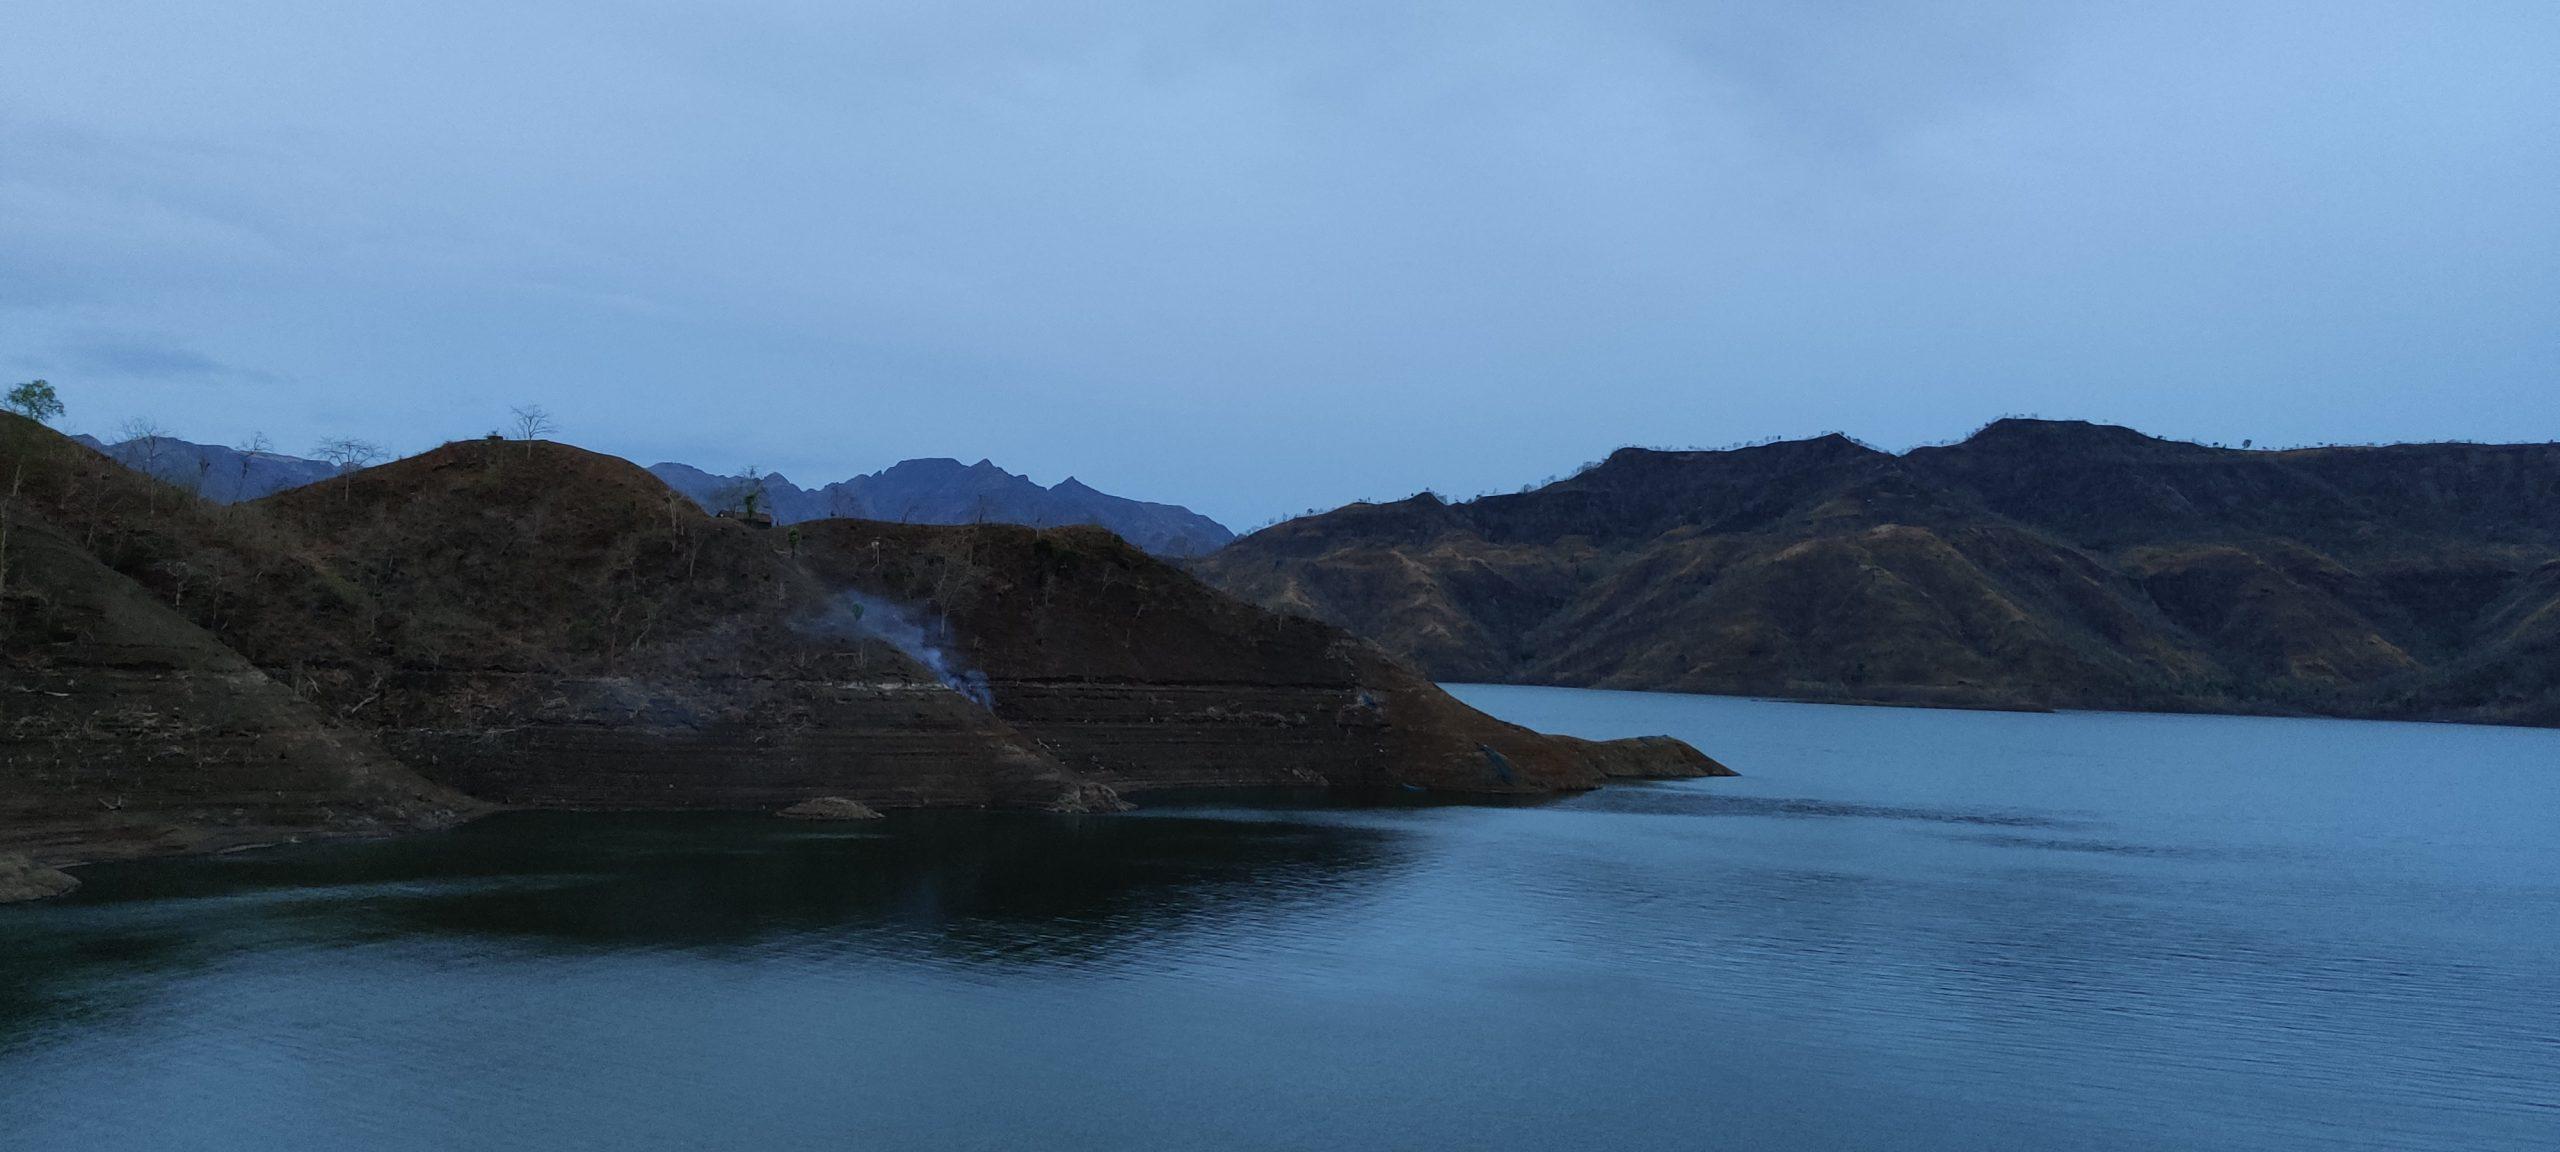 नर्मदा बांध के जल भराव क्षेत्र और दुर्गम पहाड़ियों के ..